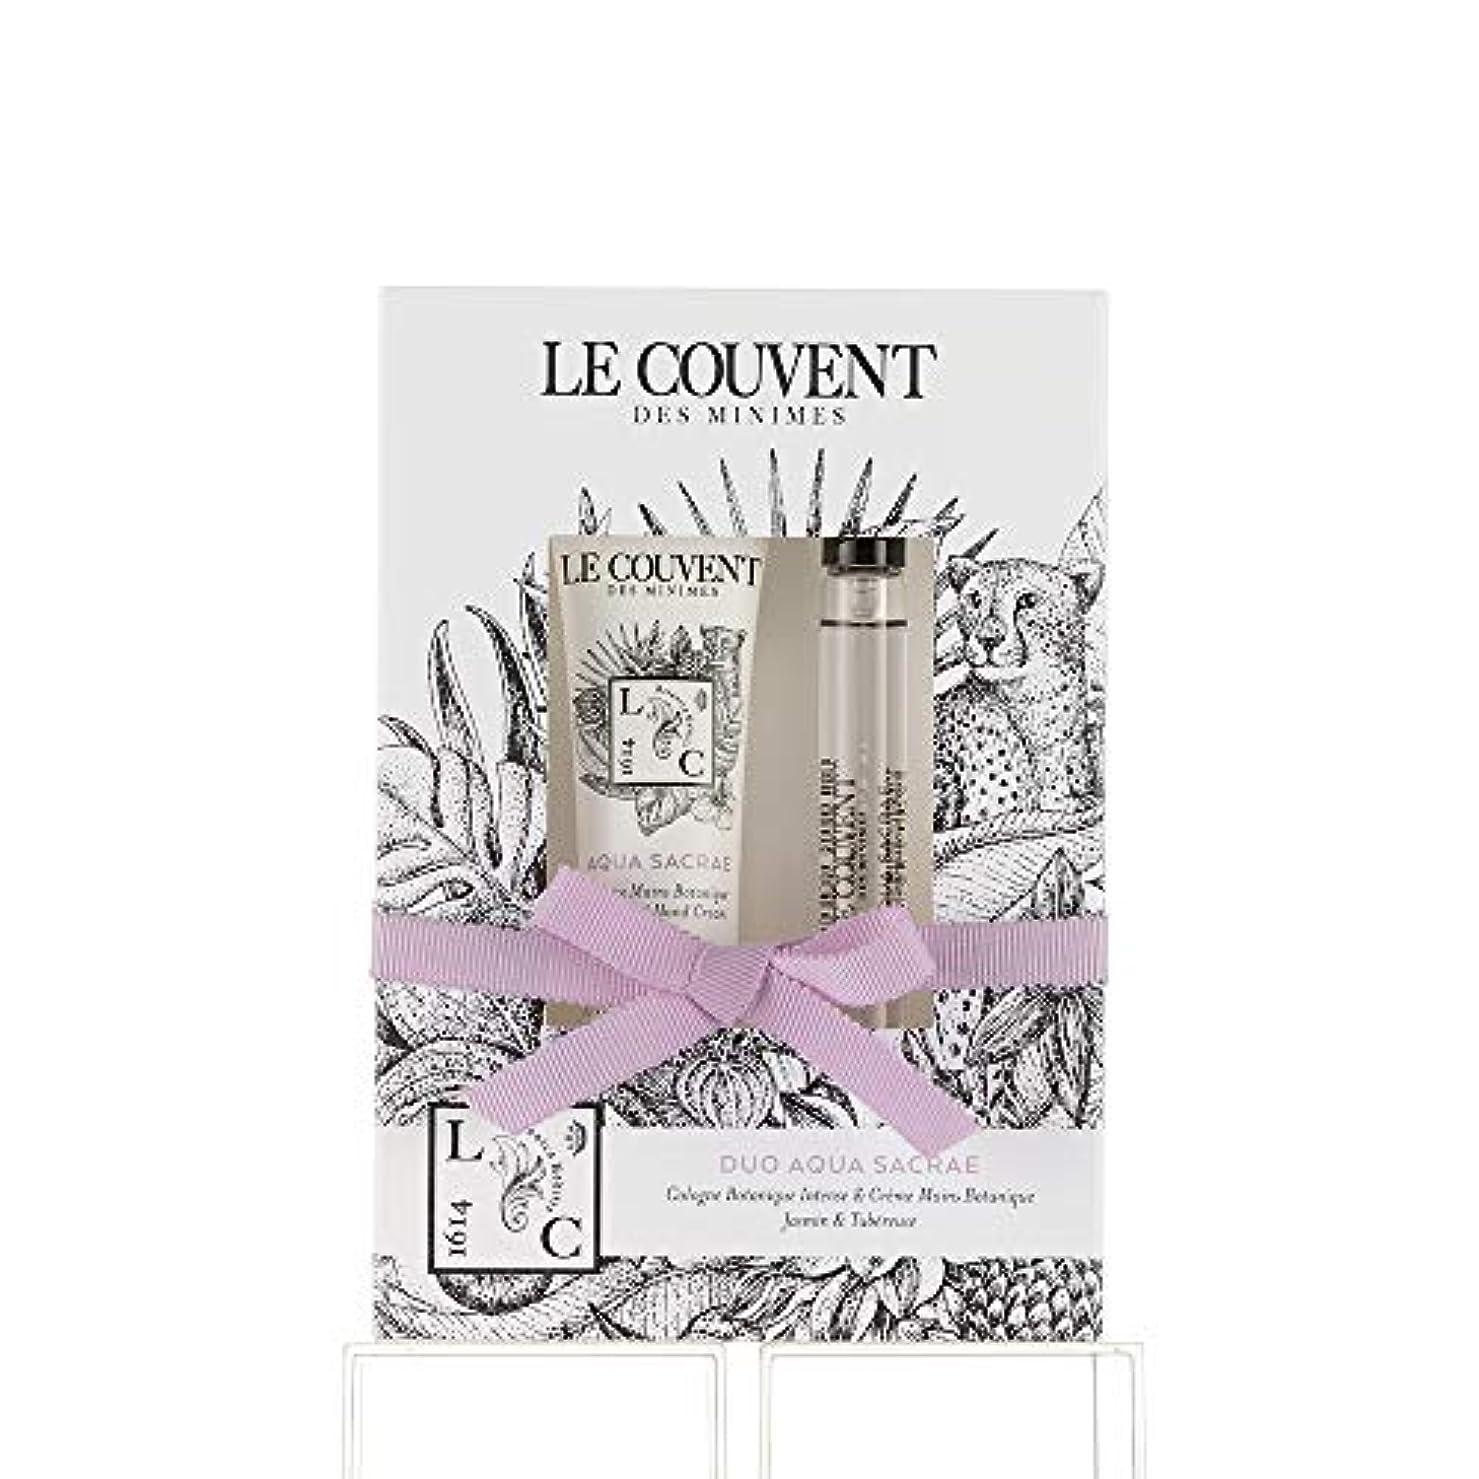 平等平等有毒クヴォン?デ?ミニム(Le Couvent des Minimes) ボタニカルデュオ アクアサクラエ ボタニカルコロンアクアサクラエ10mL×1、アクアサクラエ ハンドクリーム30g×1